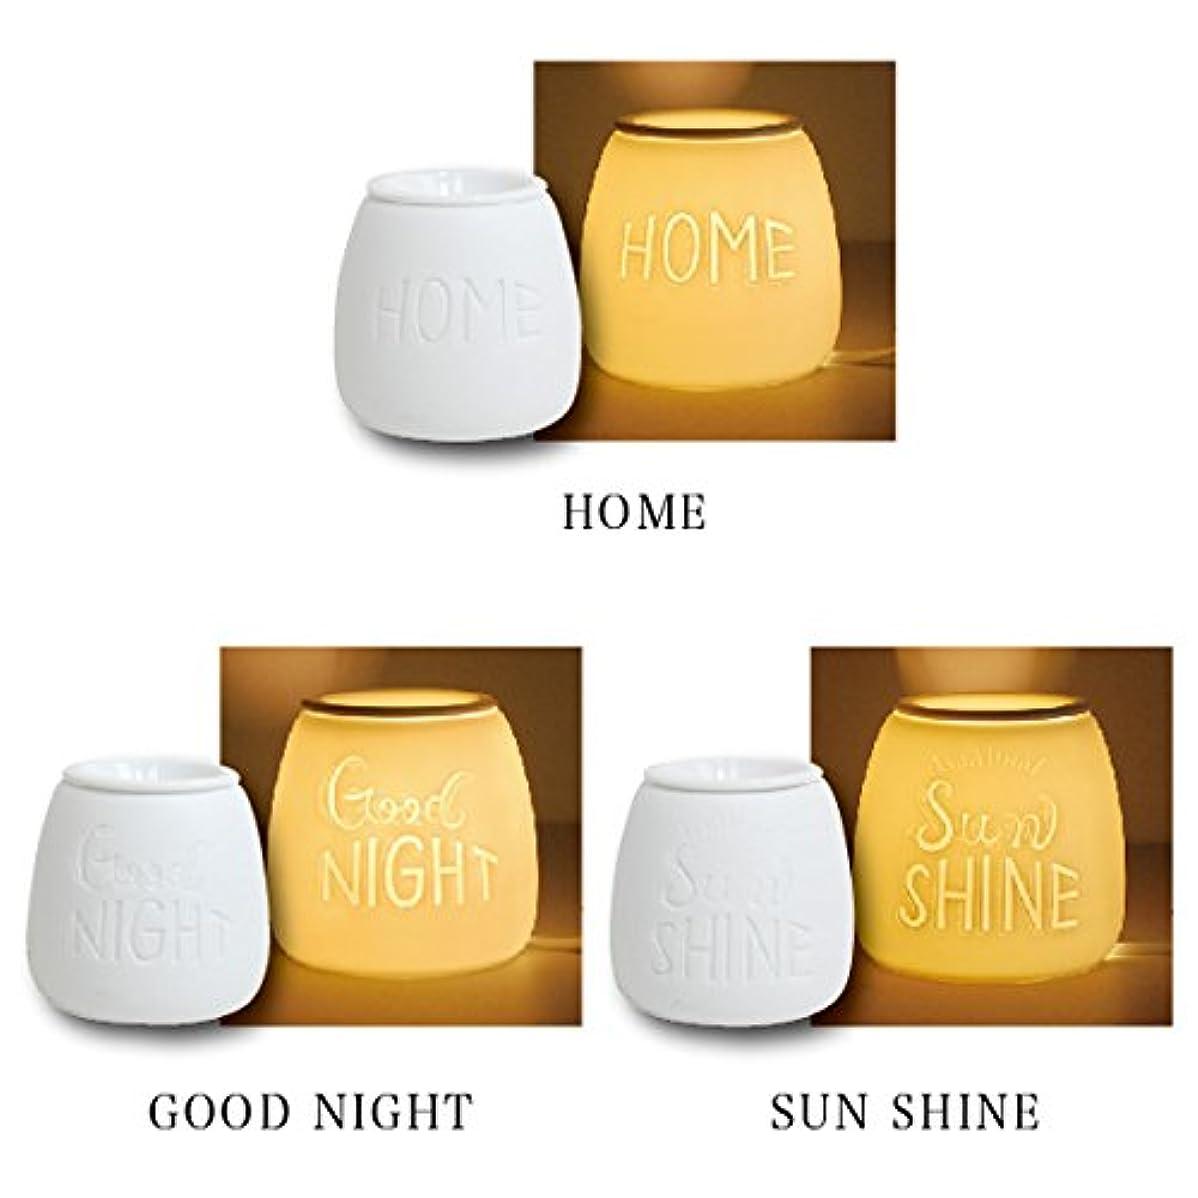 強要創始者レイプレタリング アロマライト コード式 アロマランプ  タイマー 調光 機能付 (GOOD NIGHT)